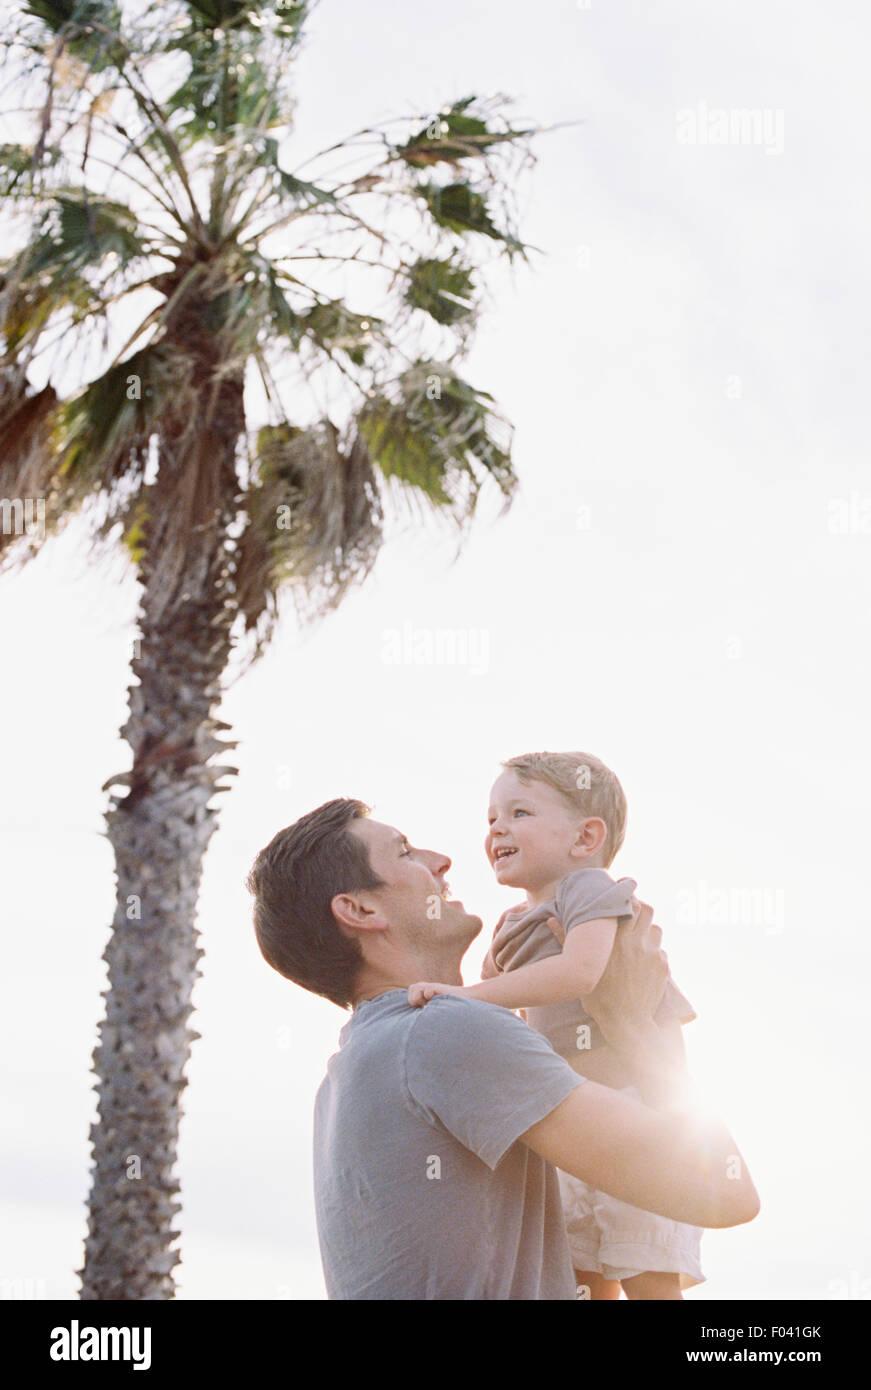 Lächelnder Mann von einer Palme stehend, seinen kleinen Sohn auf dem Arm tragen. Stockbild